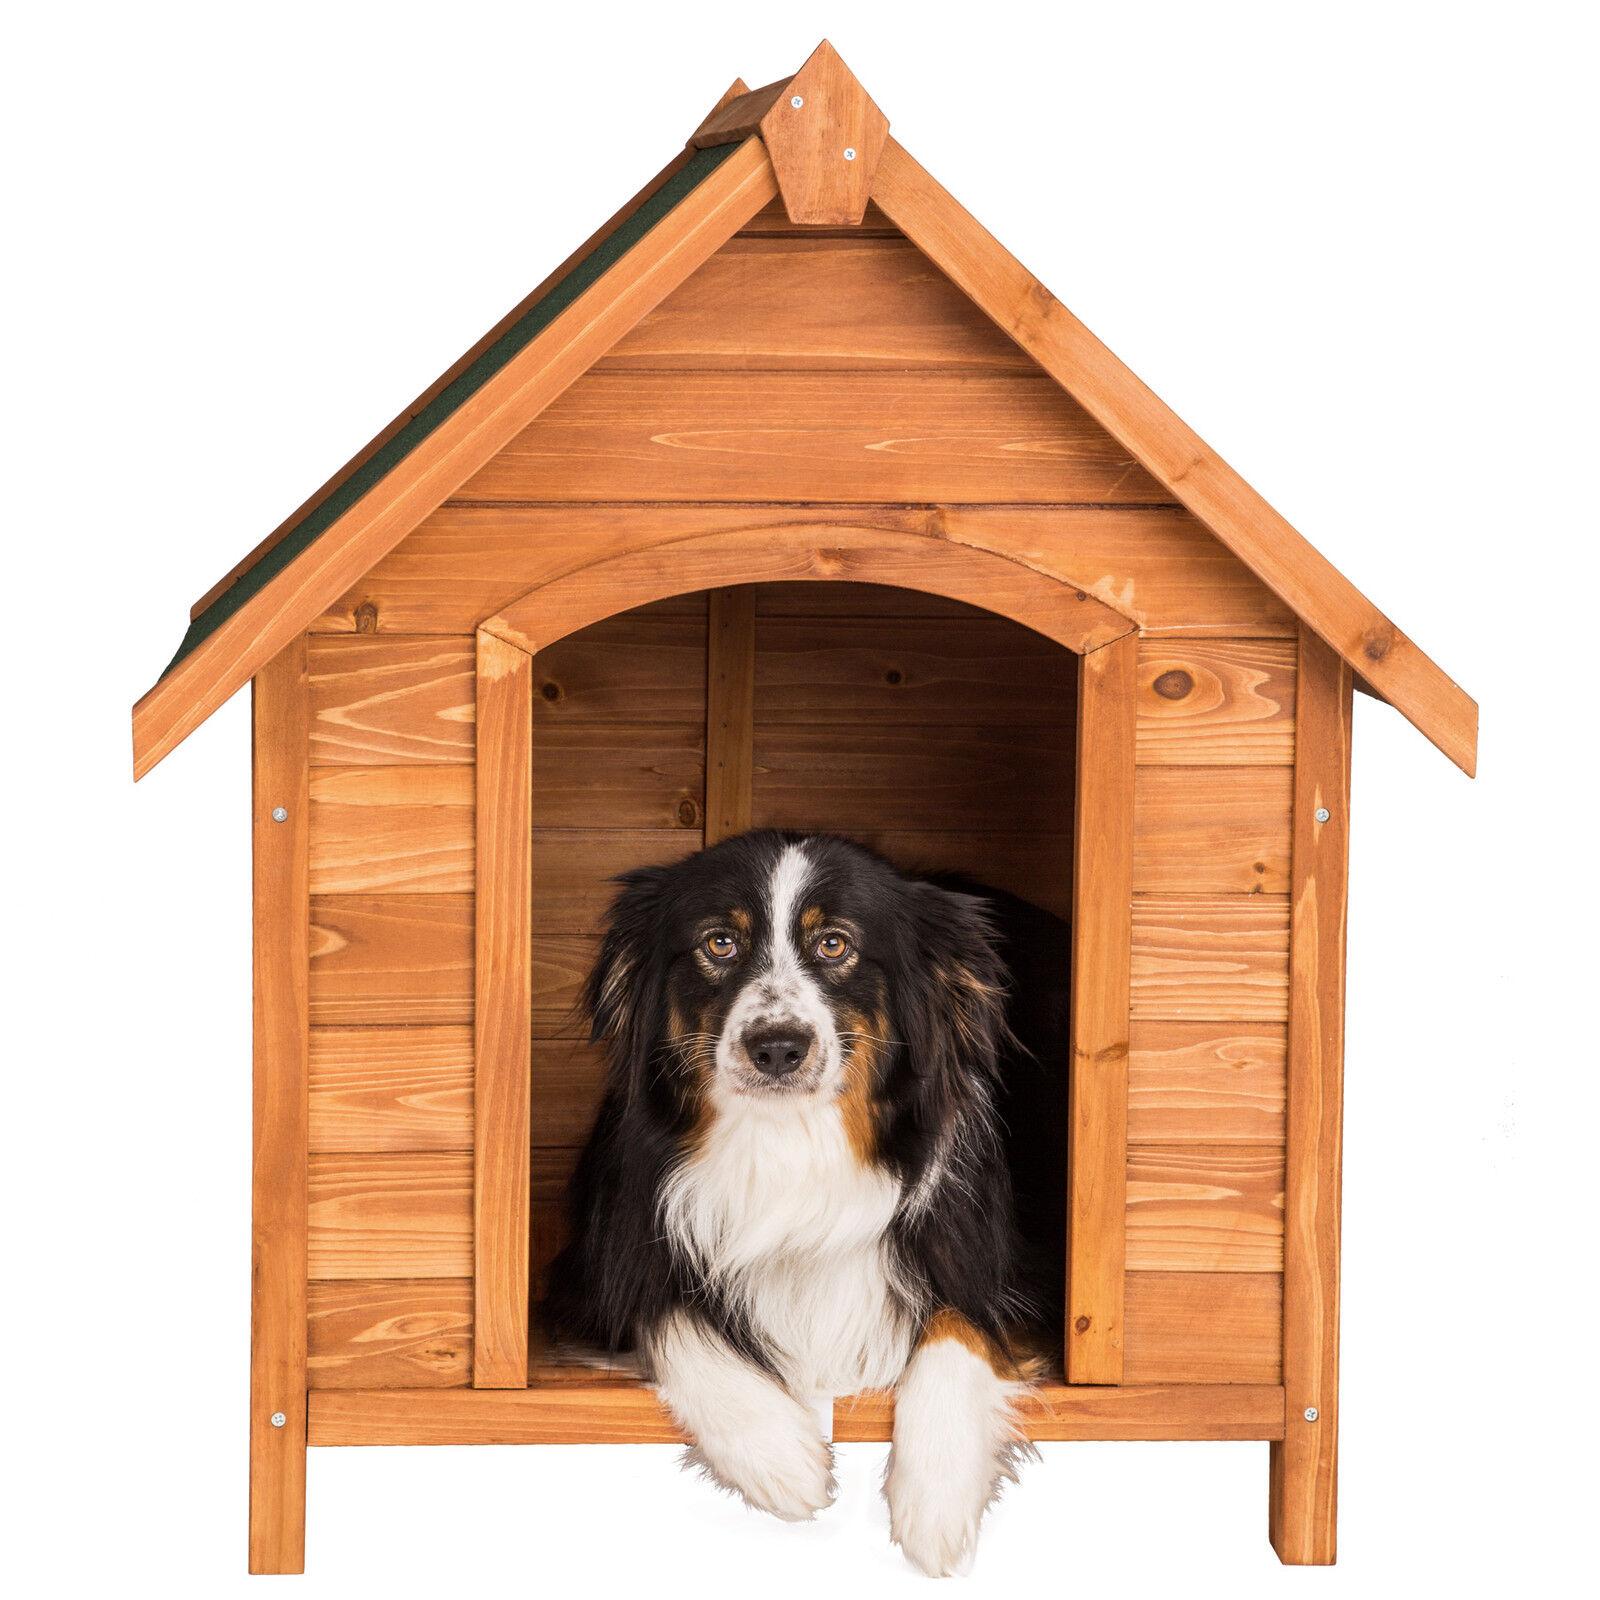 niche villa pour chiens xxl en bois massif chenil maison chien toit inclin eur 59 90. Black Bedroom Furniture Sets. Home Design Ideas